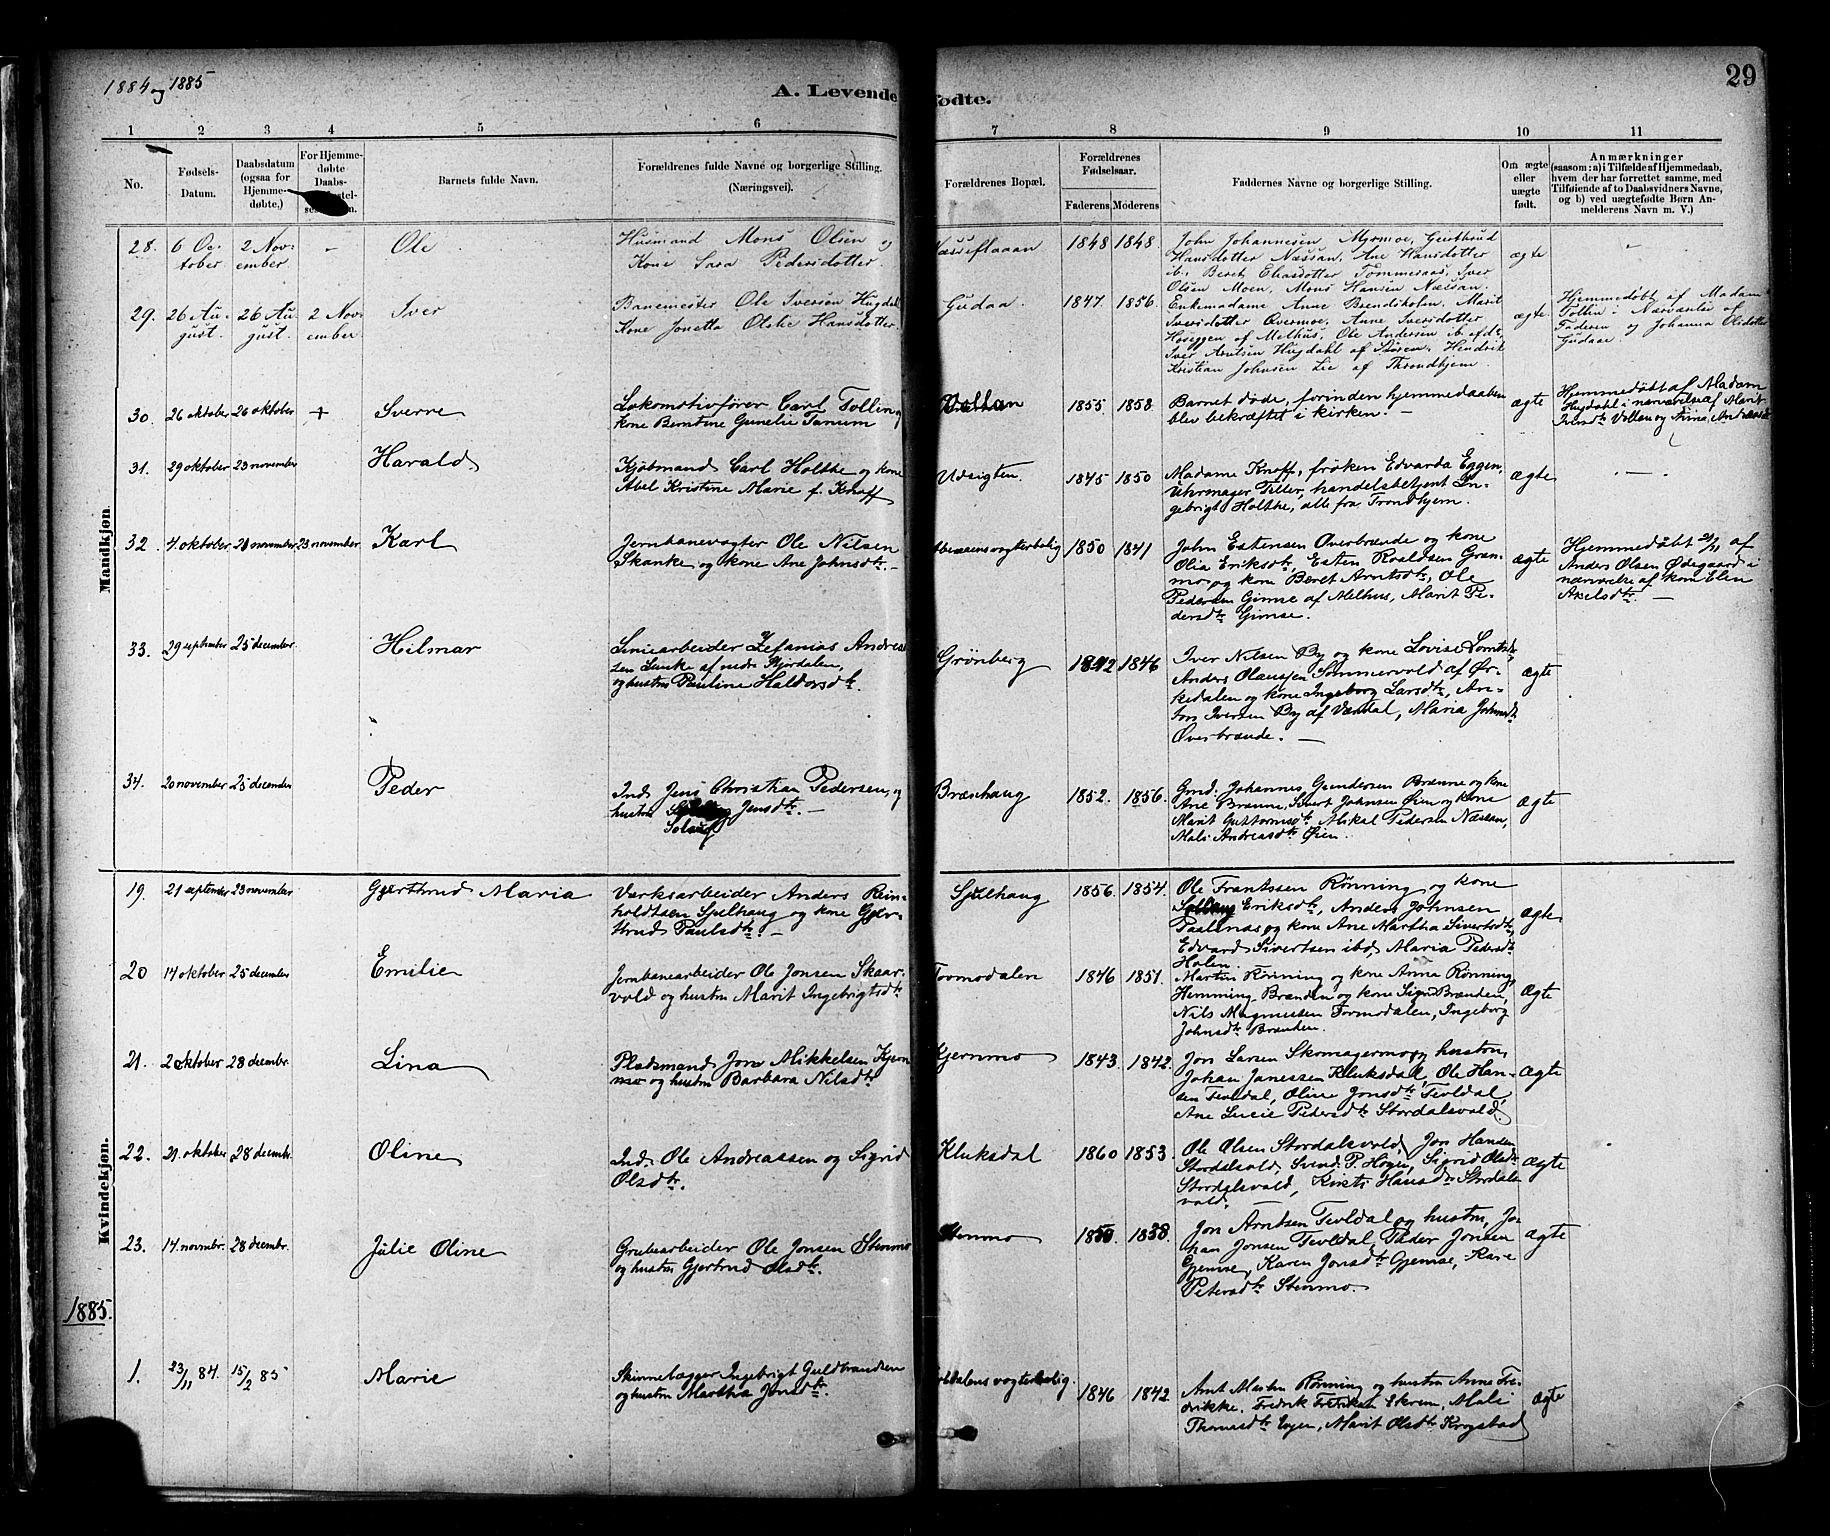 SAT, Ministerialprotokoller, klokkerbøker og fødselsregistre - Nord-Trøndelag, 706/L0047: Parish register (official) no. 706A03, 1878-1892, p. 29